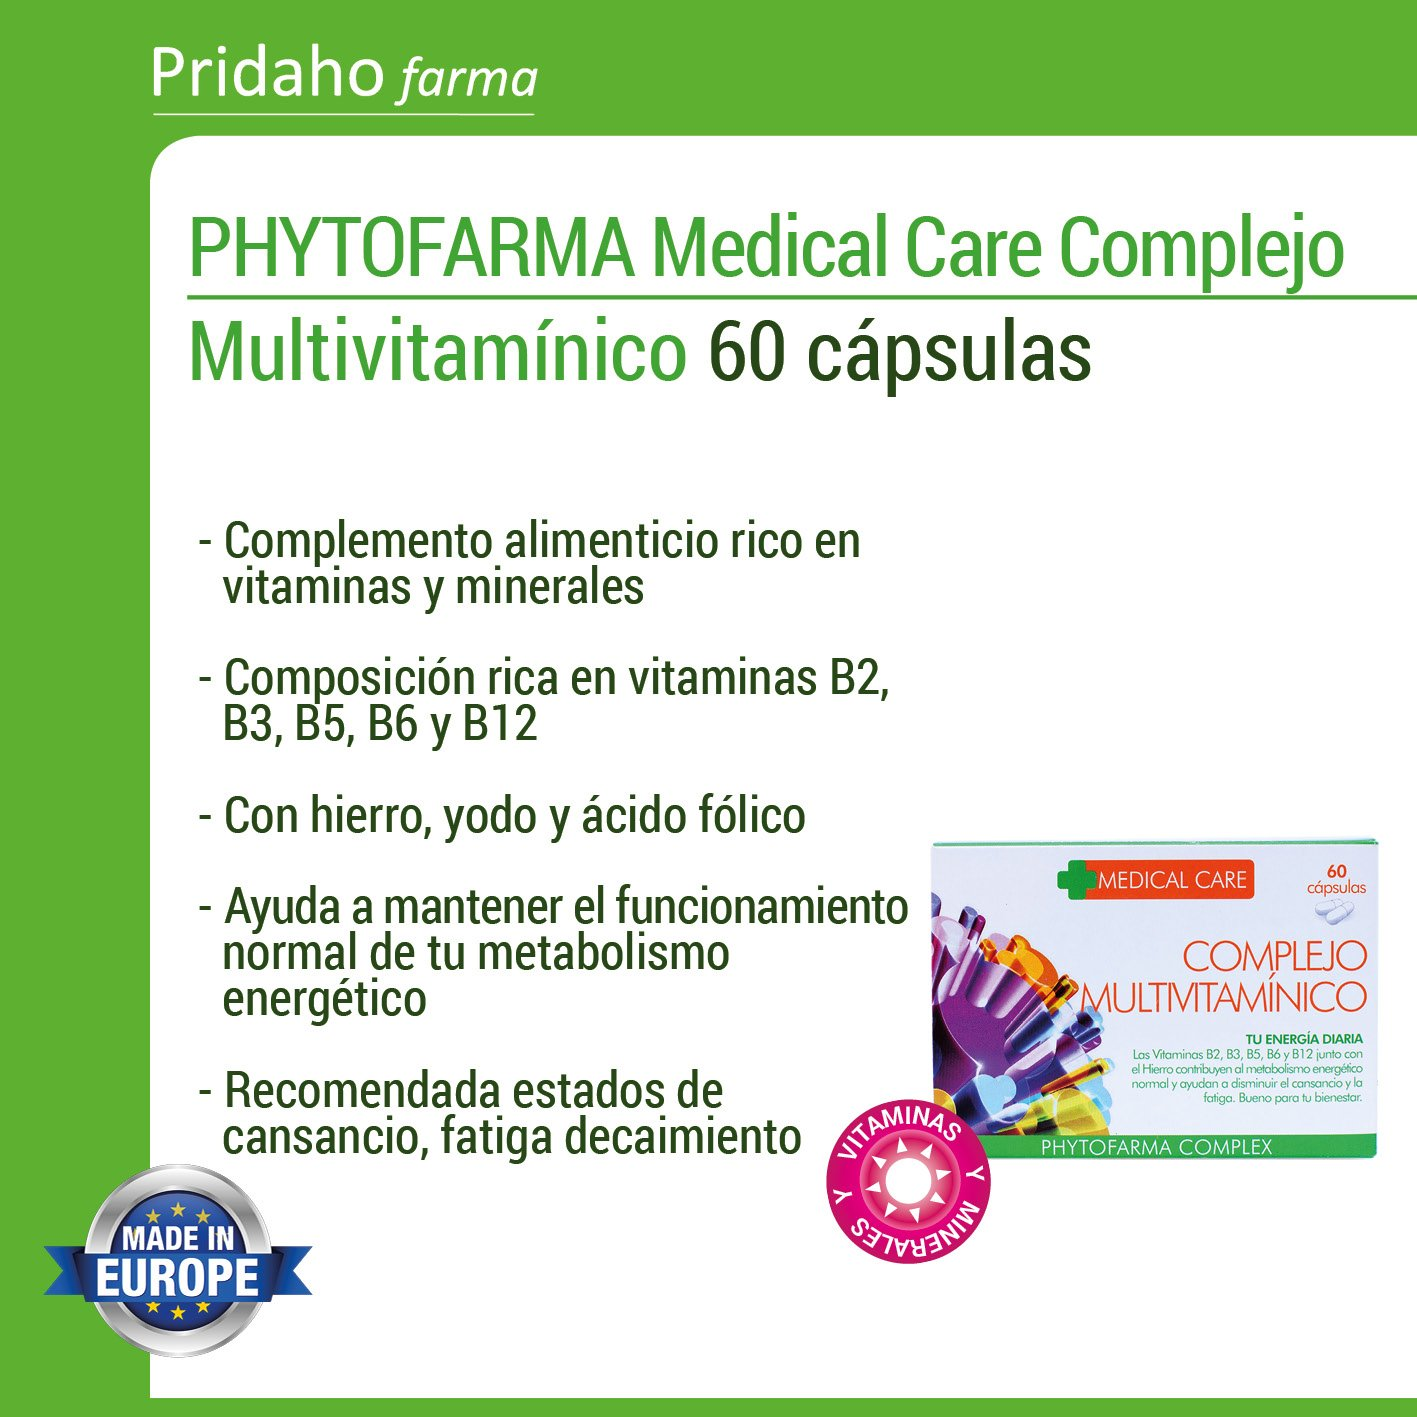 PHYTOFARMA MEDICAL CARE Complejo Multivitamínico 60 cápsulas: Amazon.es: Salud y cuidado personal